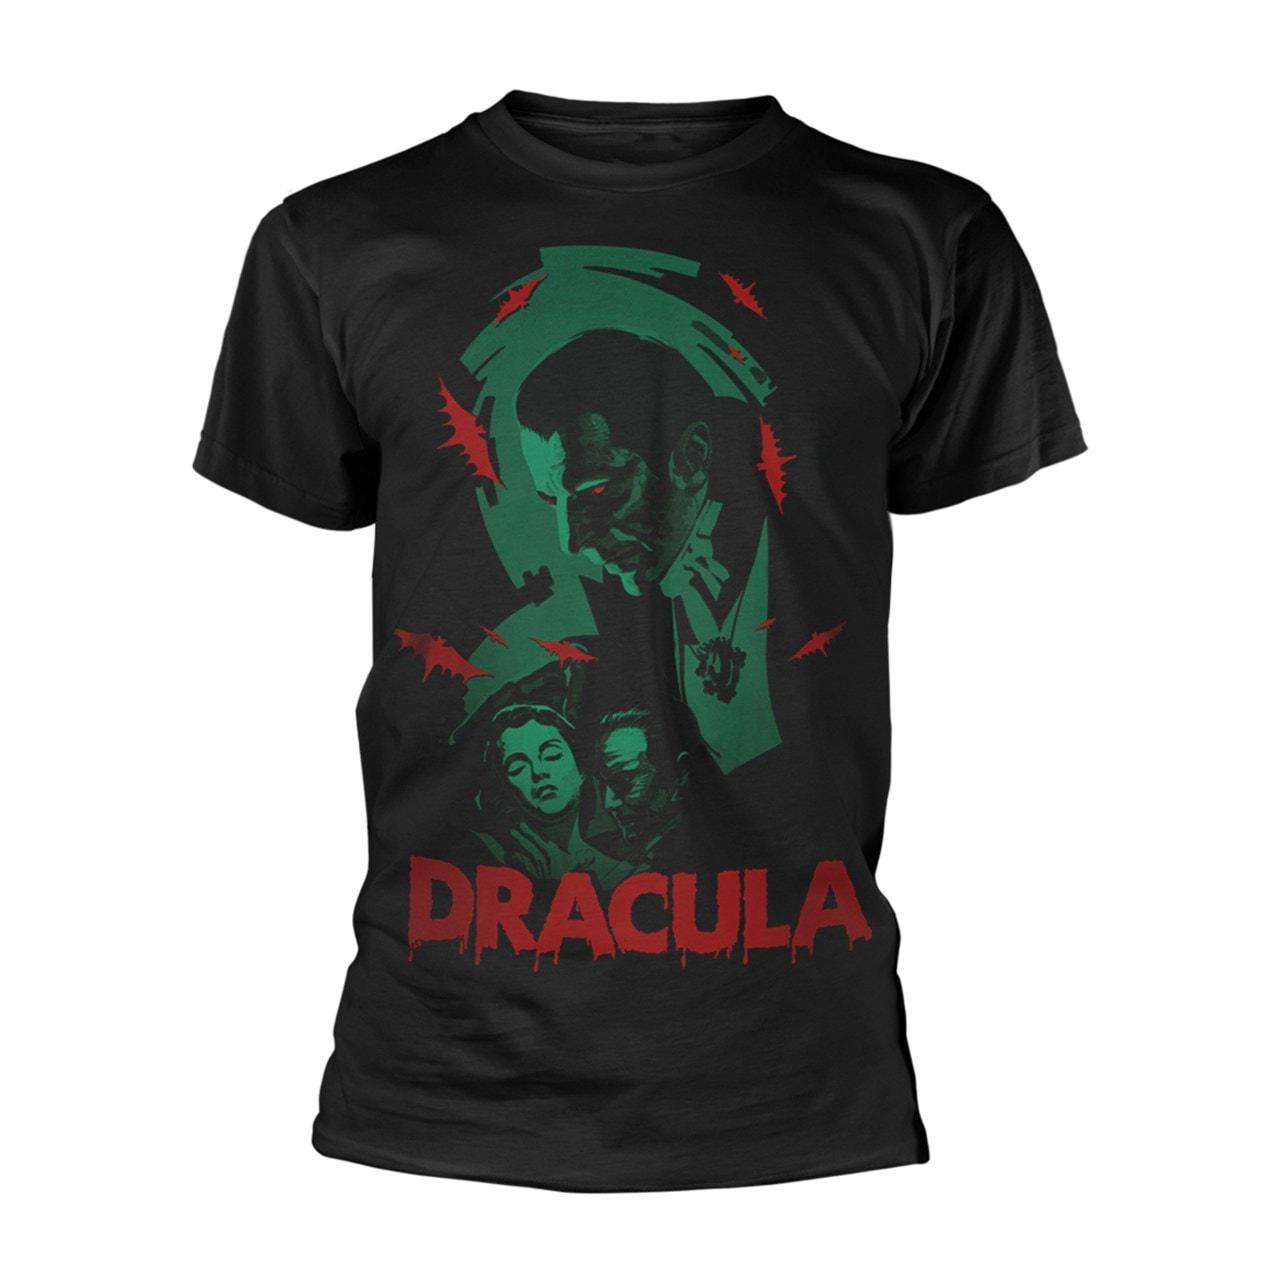 Plan 9: Luna Dracula (Large) - 1